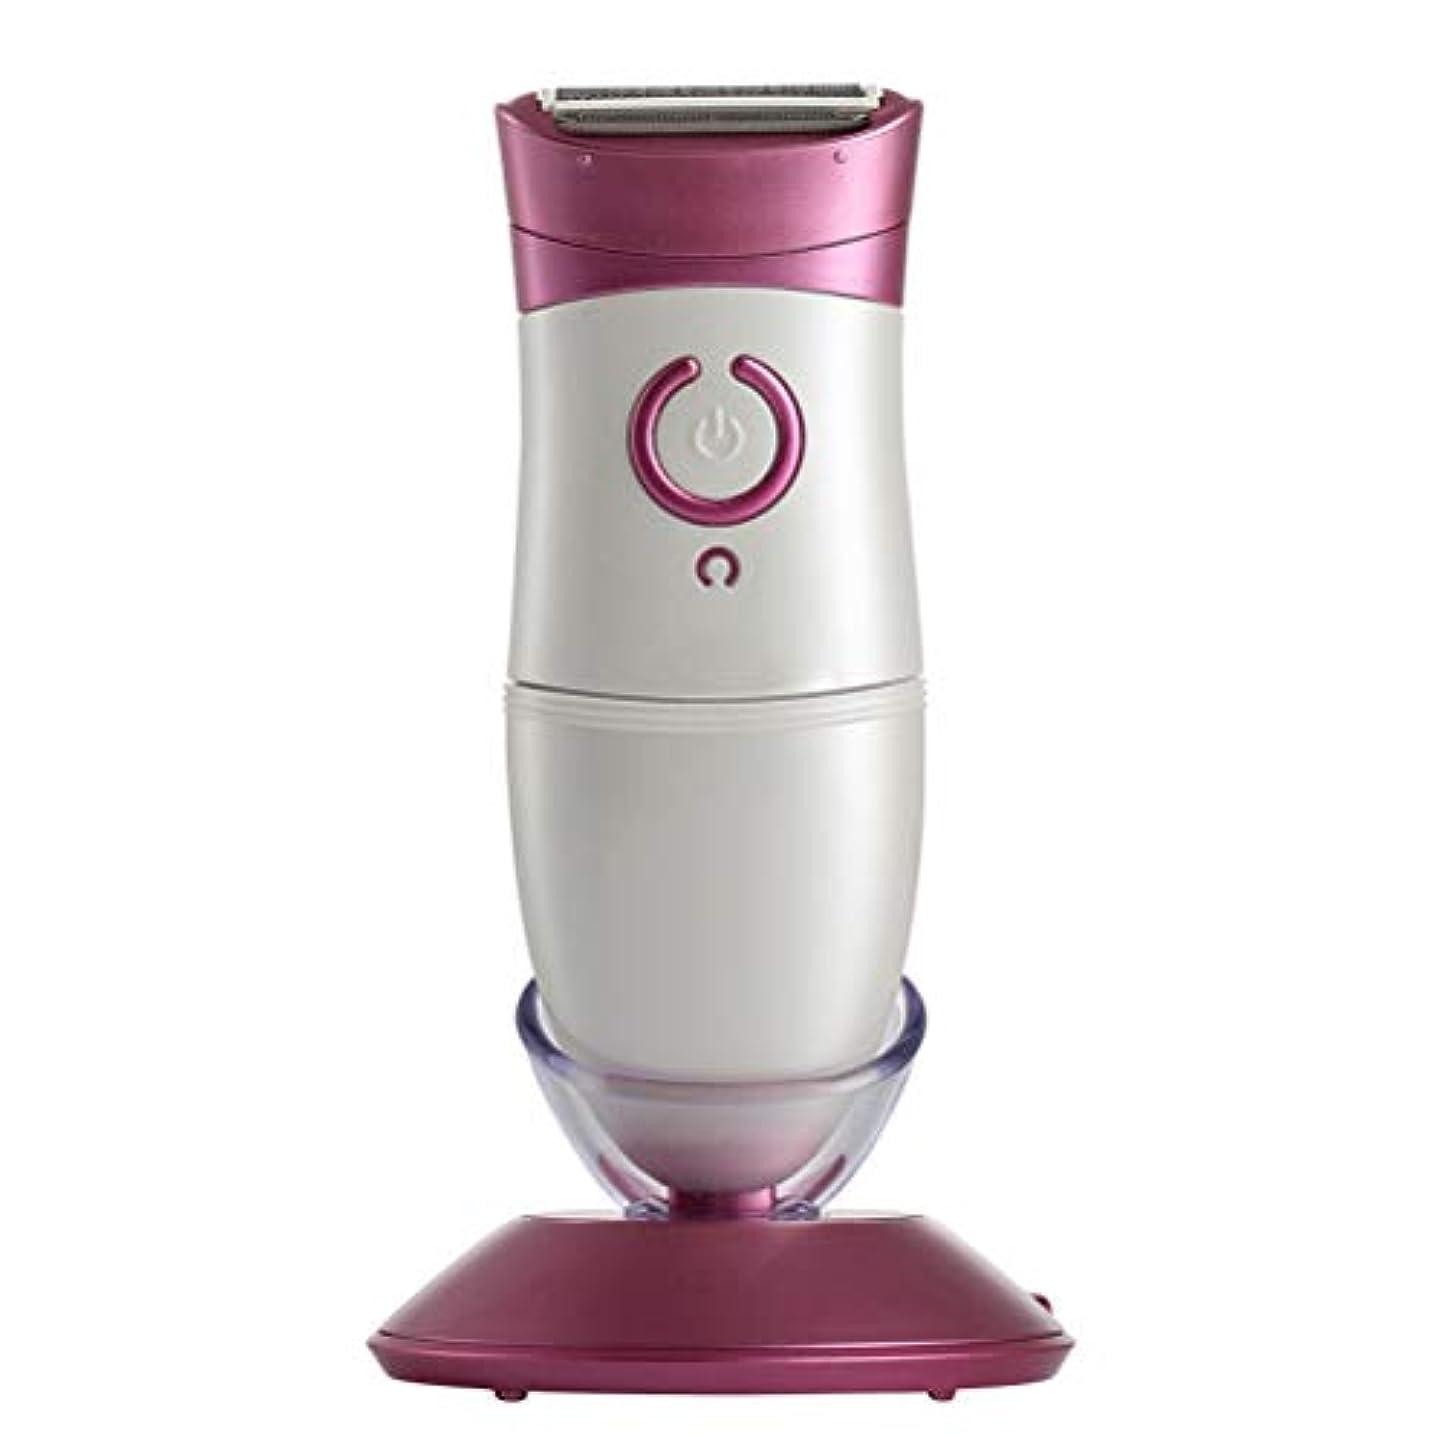 真面目なから神秘NZNB - 脱毛器 シェーバーウェット&ドライかみそりナイフボディウォッシュ多機能美容ヘアリムーバー簡単に剃毛充電式防水レディピンク - 8502 (Color : Pink)